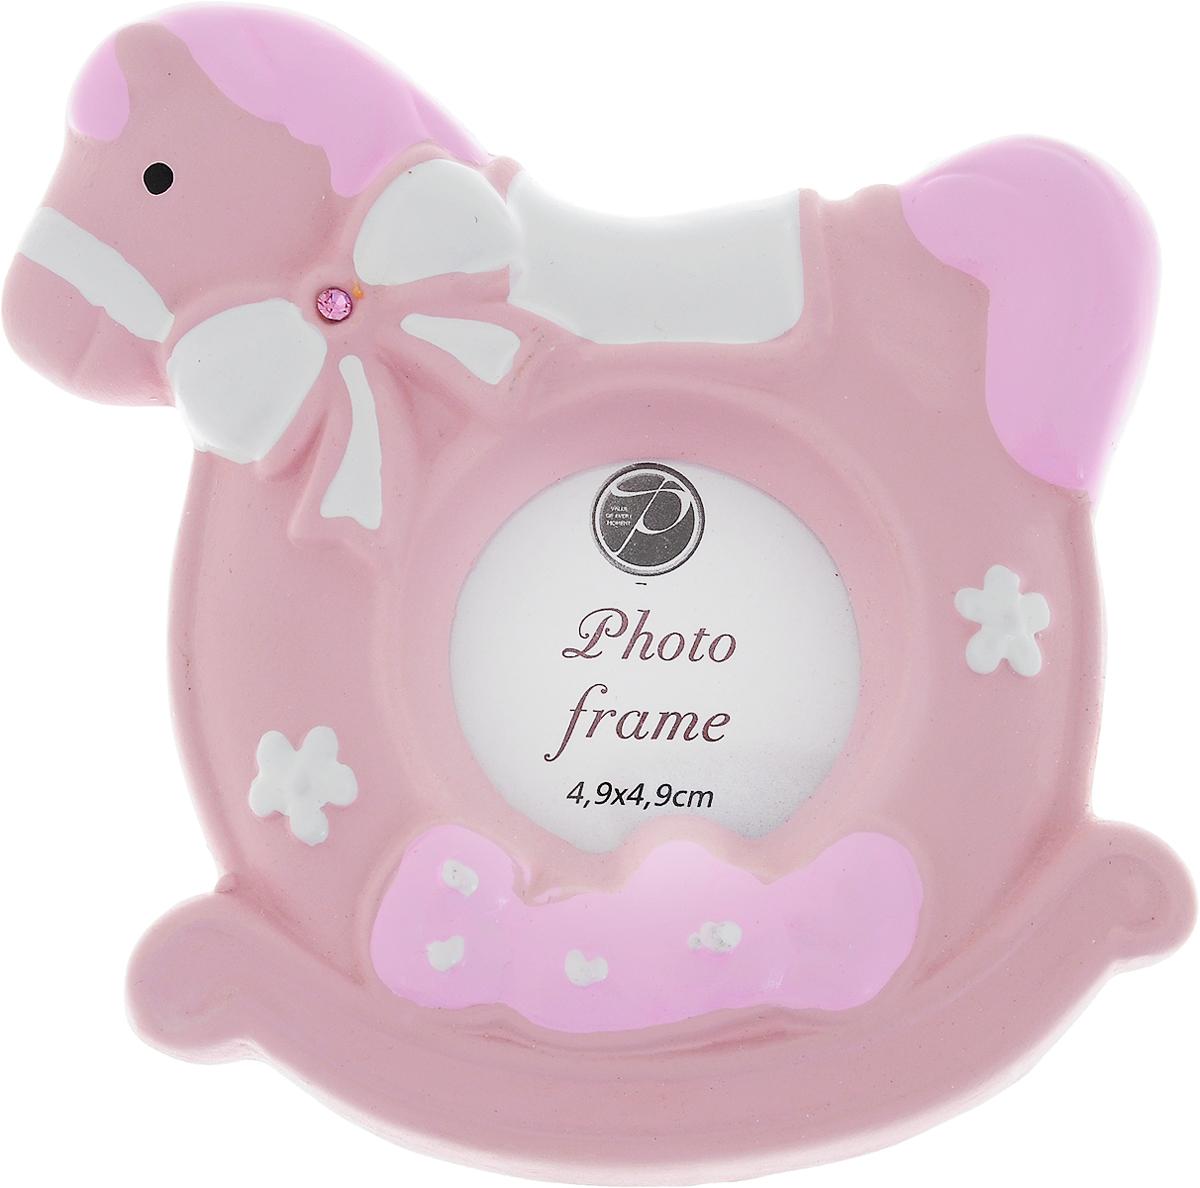 Фоторамка Pioneer, 4,9 х 4,9 см19_розовый, белыйФоторамка Pioneer изготовлена из высококачественной керамики и картона с металлическими элементами. Изделие выполнено в виде лошадки и декорирована надписью Babu. Оборотная сторона рамки оснащена специальной ножкой, благодаря которой ее можно поставить на стол или любое другое место в доме или офисе. Такая фоторамка поможет вам оригинально и стильно дополнить интерьер помещения, а также позволит сохранить память о дорогих вам людях и интересных событиях вашей жизни.